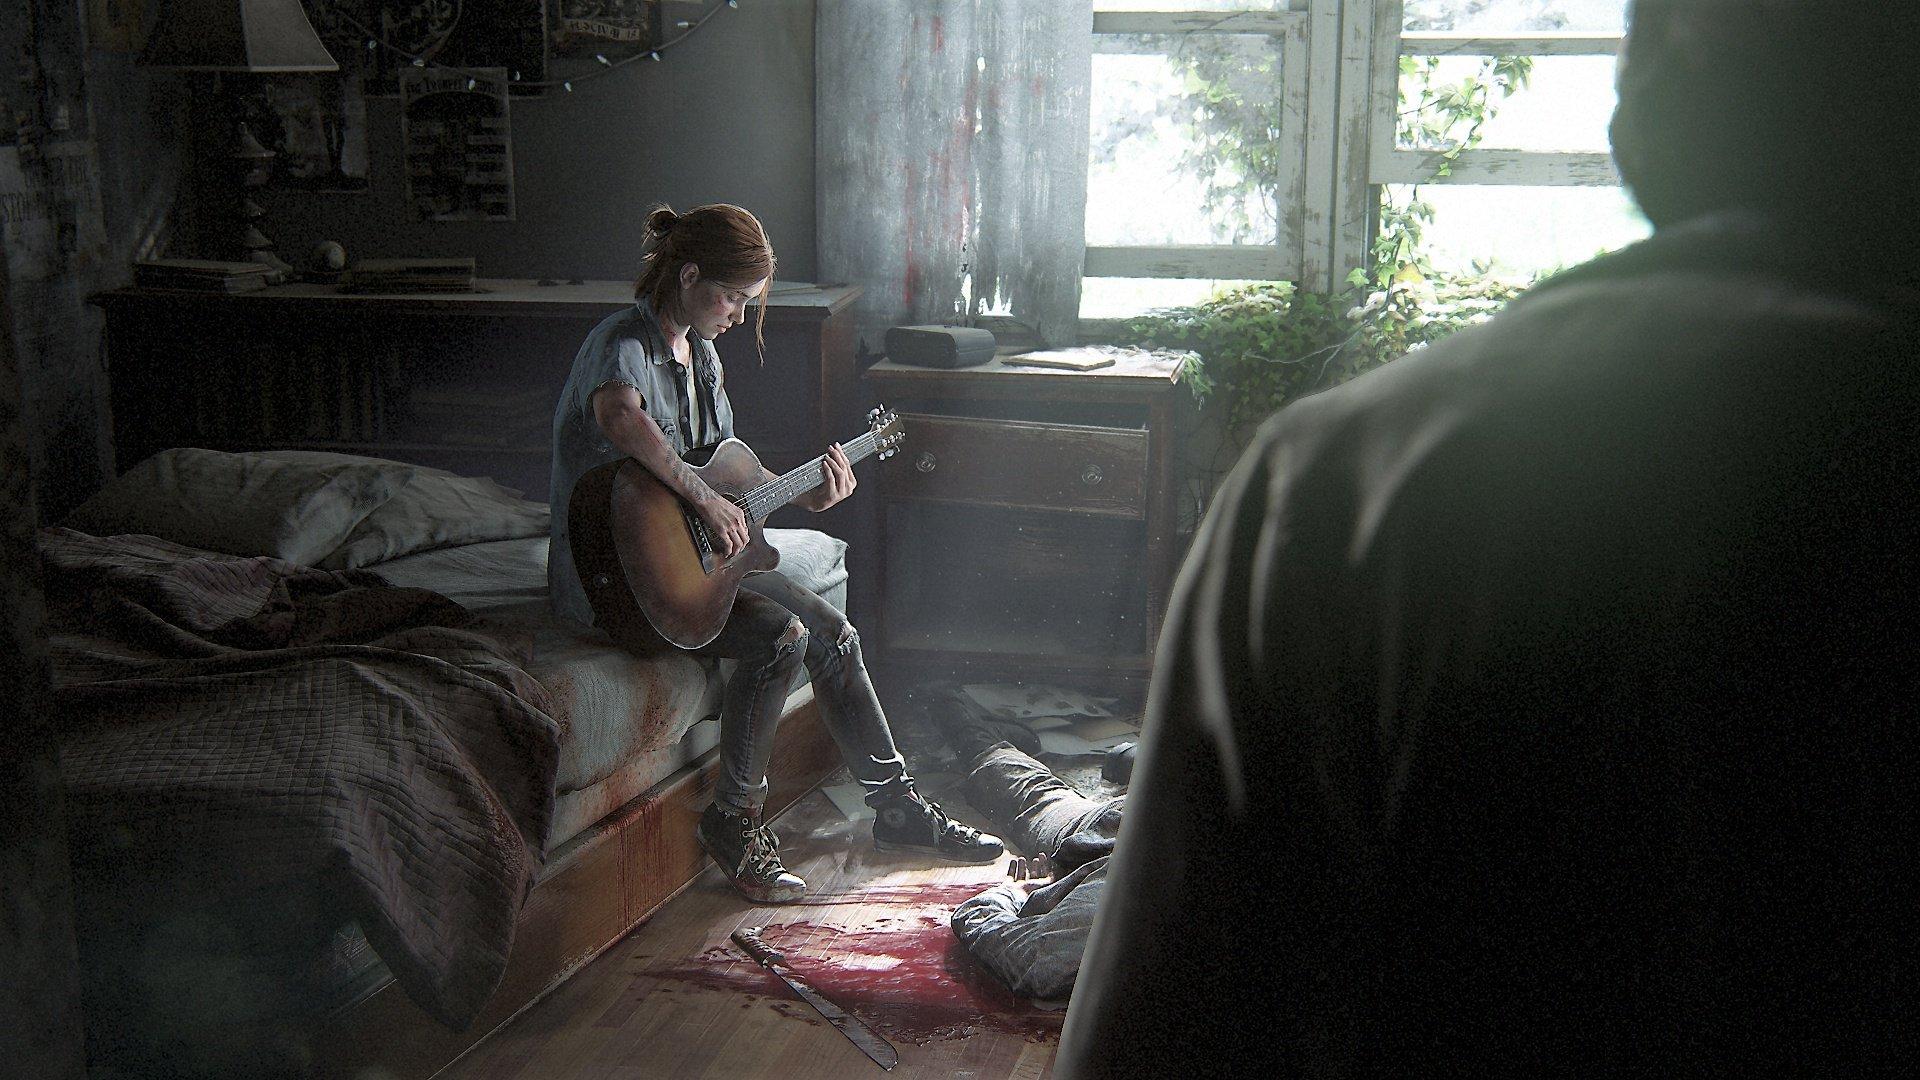 شوخی نیل دراکمن دربارهی تاریخ انتشار بازی The Last of Us: Part II